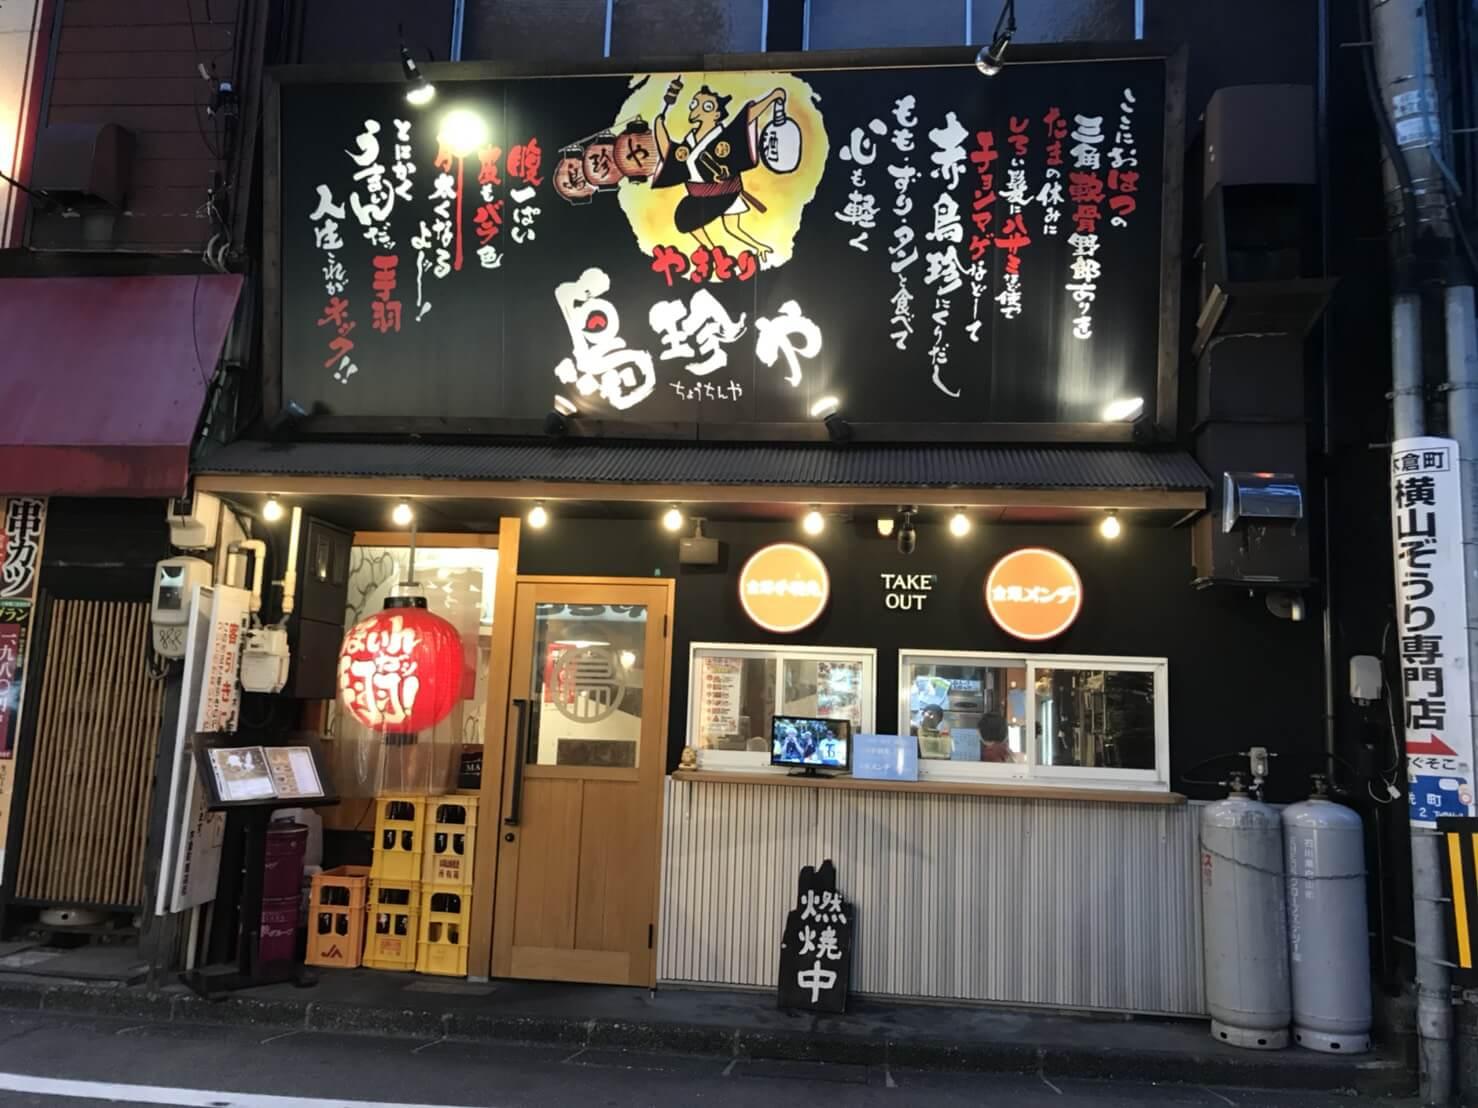 手羽先サミット2017 金賞受賞の有名店「鳥珍や」